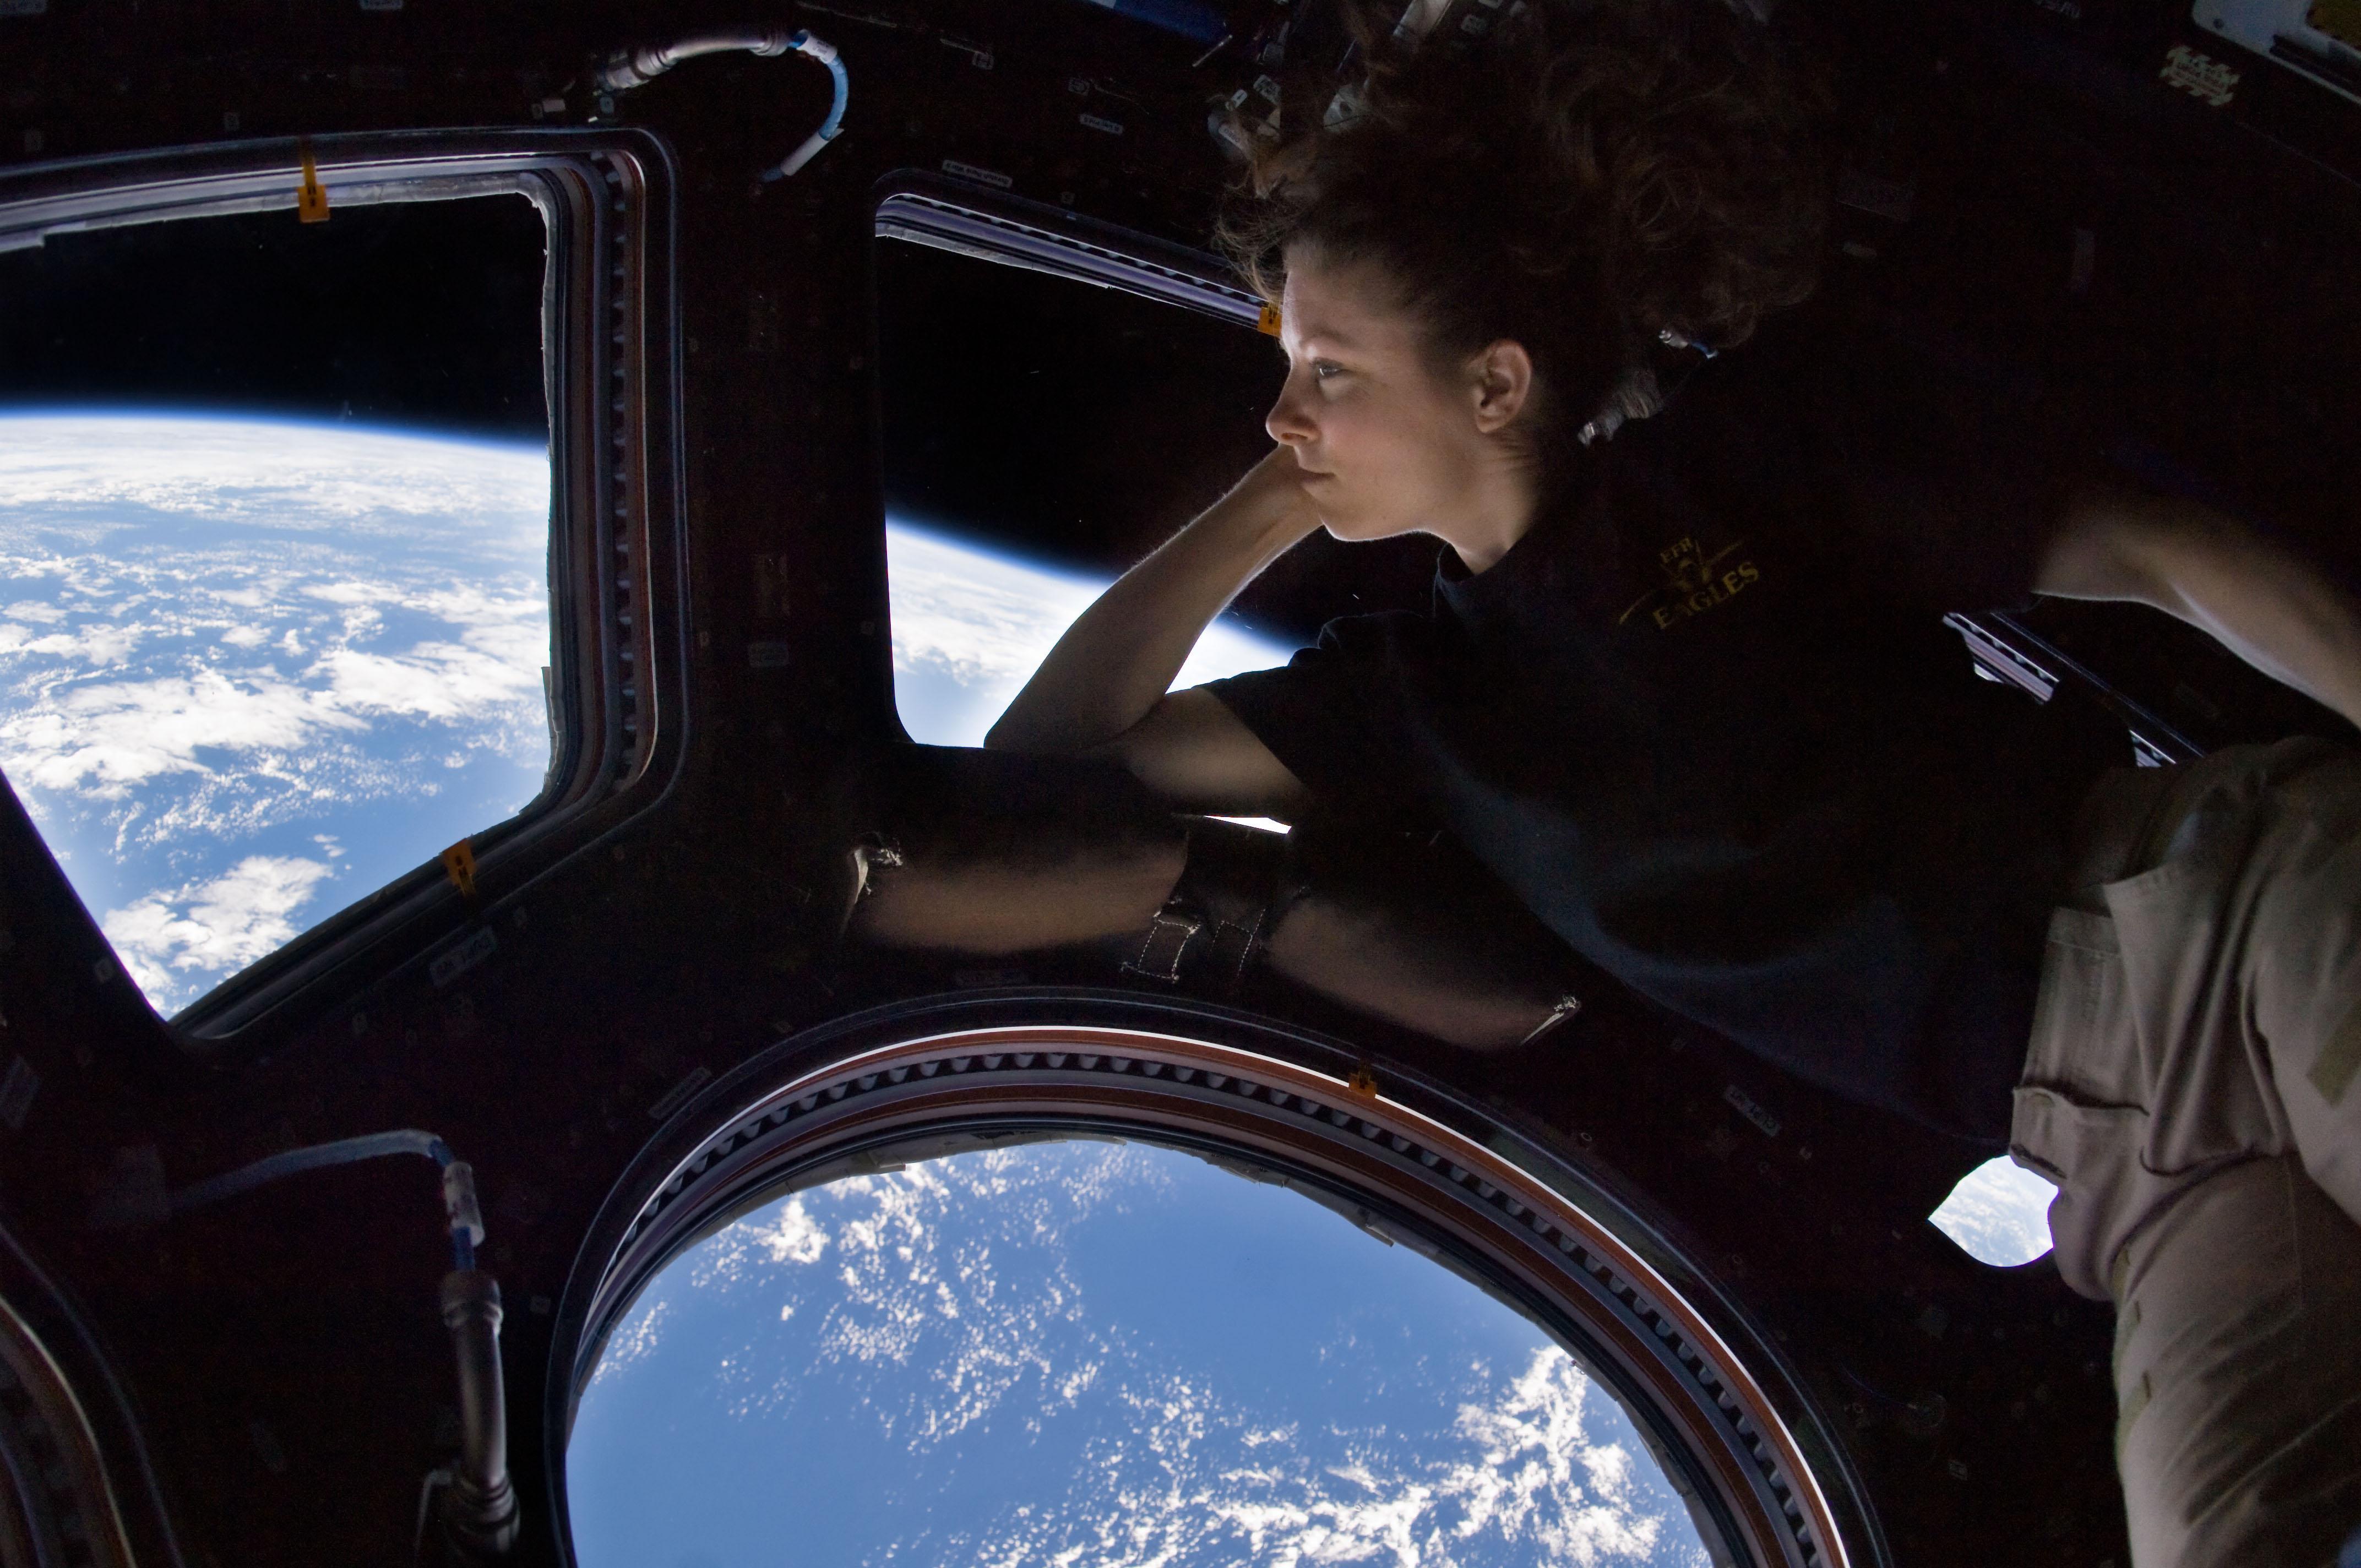 L'astronauta NASA Tracy Caldwell Dyson osserva la Terra dal modulo Cupola durante Epedition 24, nel 2010 - Credit: NASA1